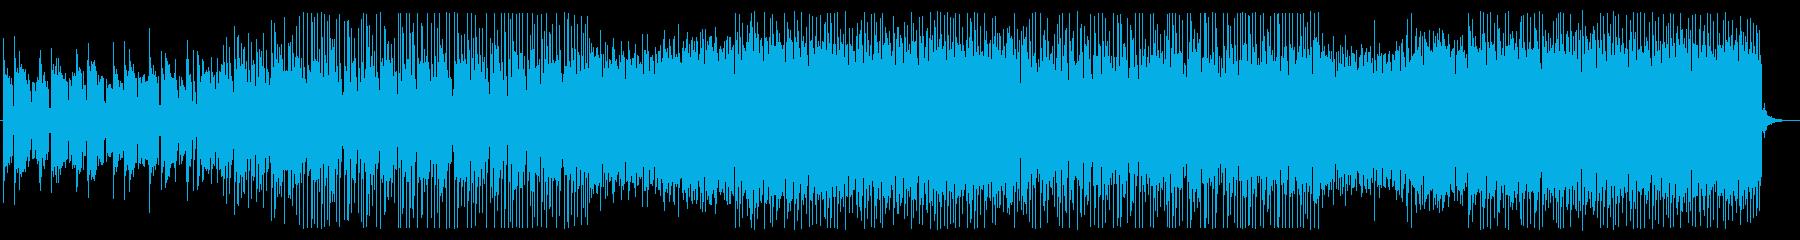 ピアノとシンセサイザーの元気なEDMの再生済みの波形